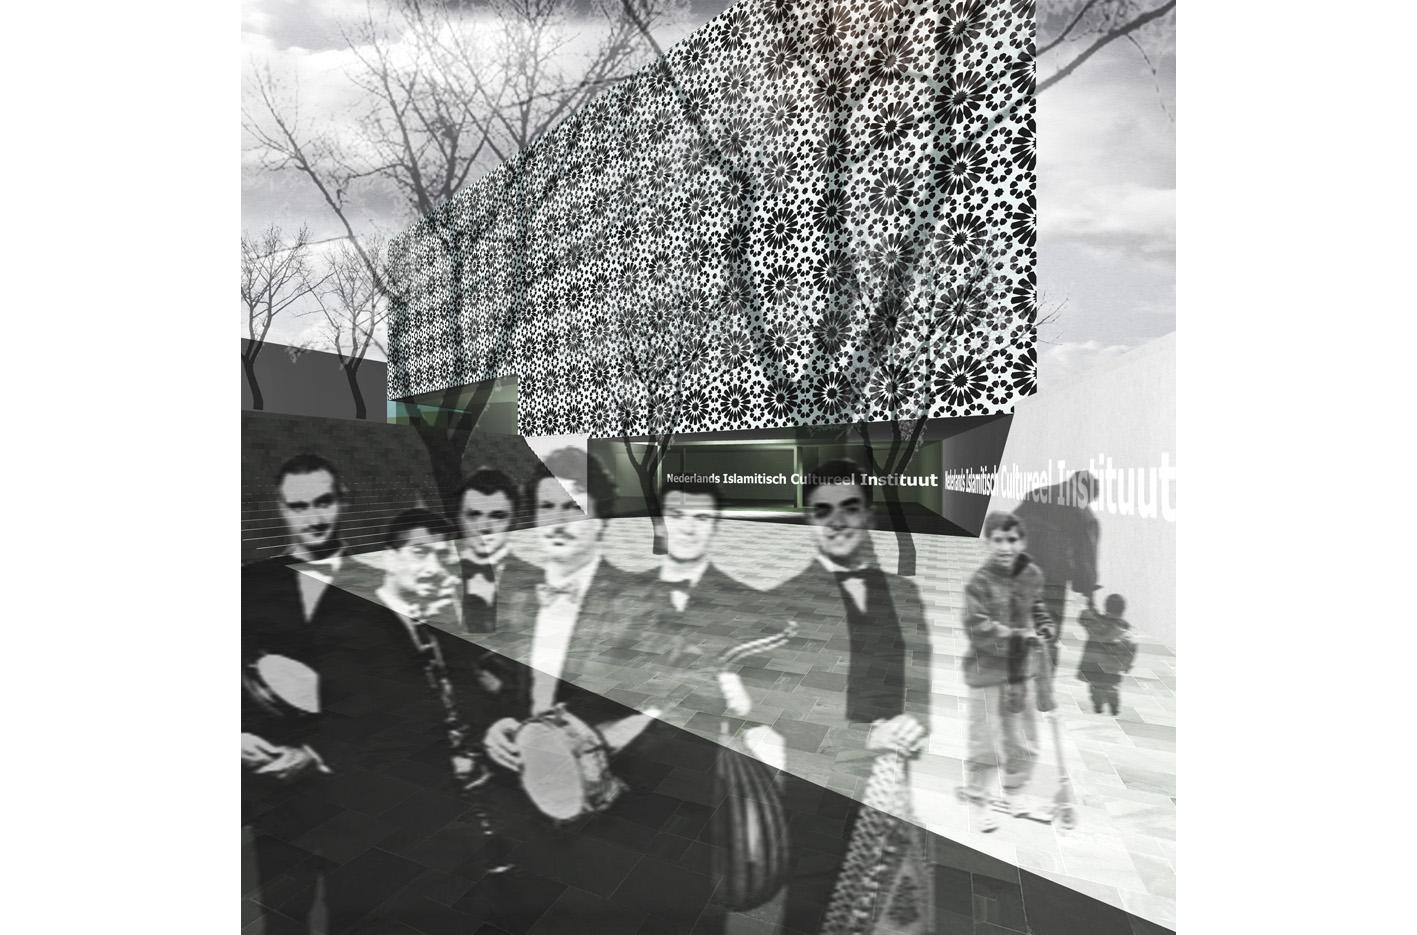 Nederlands Islamitisch Cultureel Instituut Amsterdam mr visserplein Atelier PUUUR prix de rome prefab beton verdiept plein